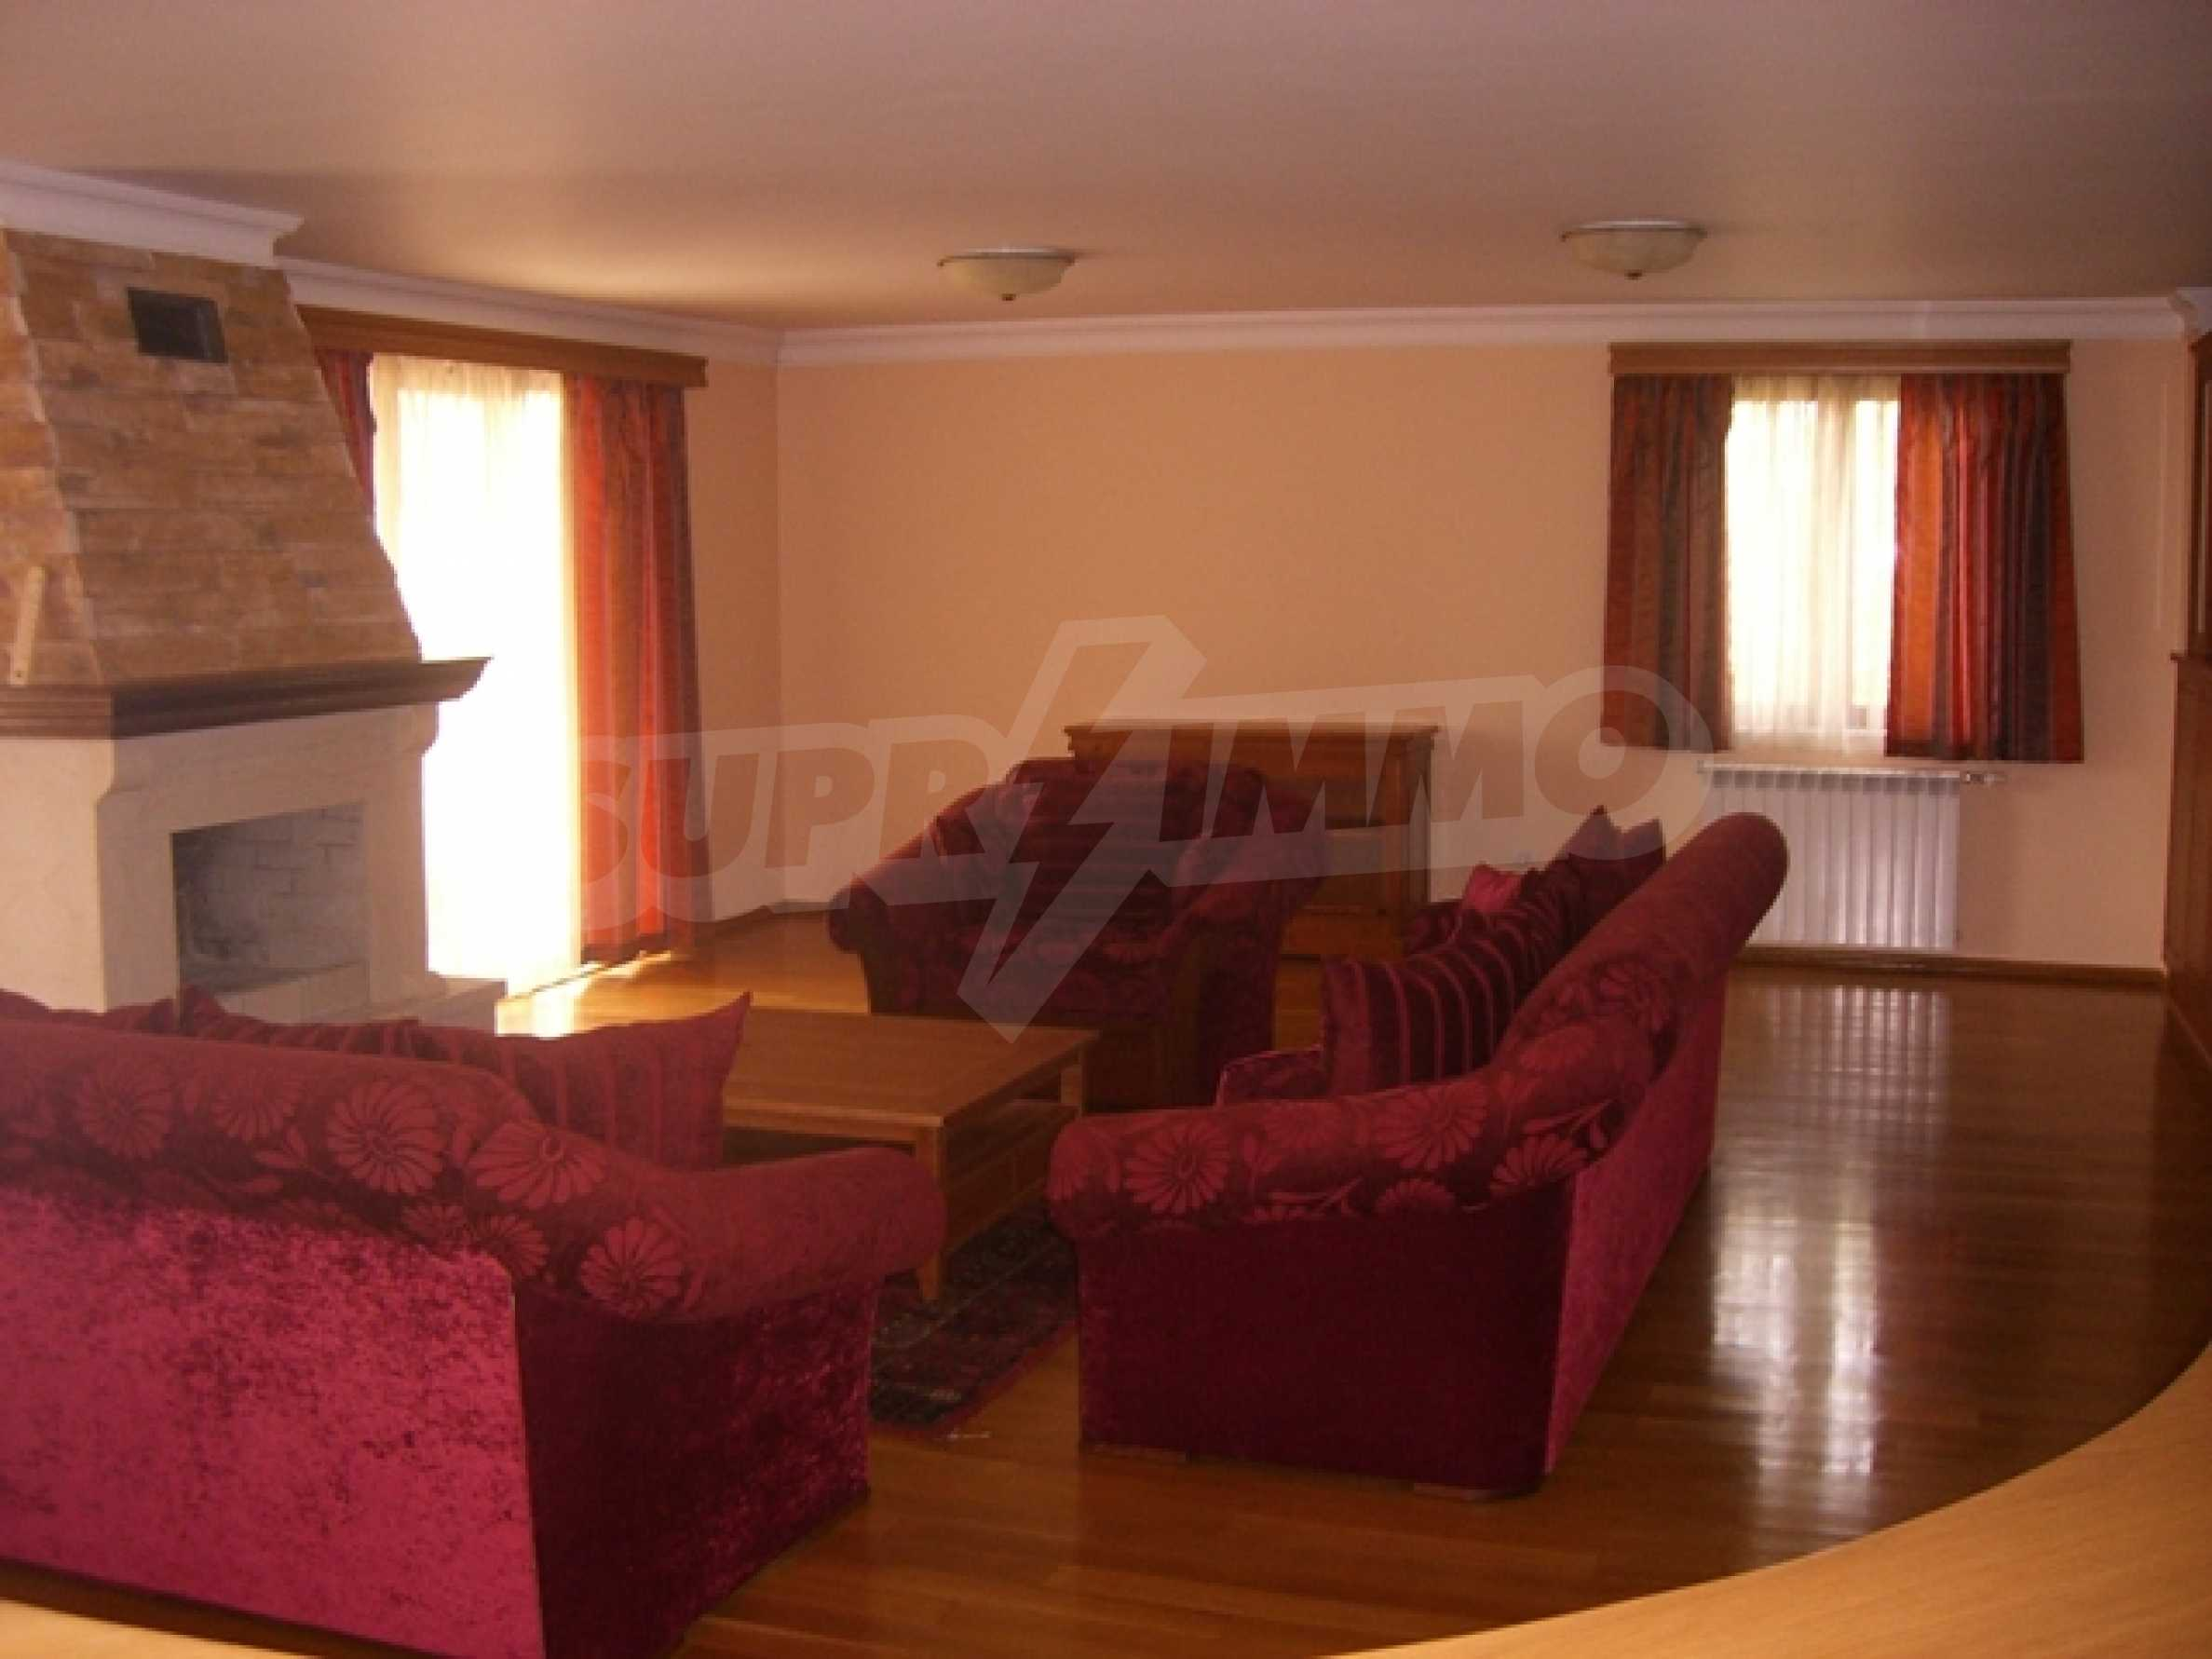 House Bulgarian Dream Home 35